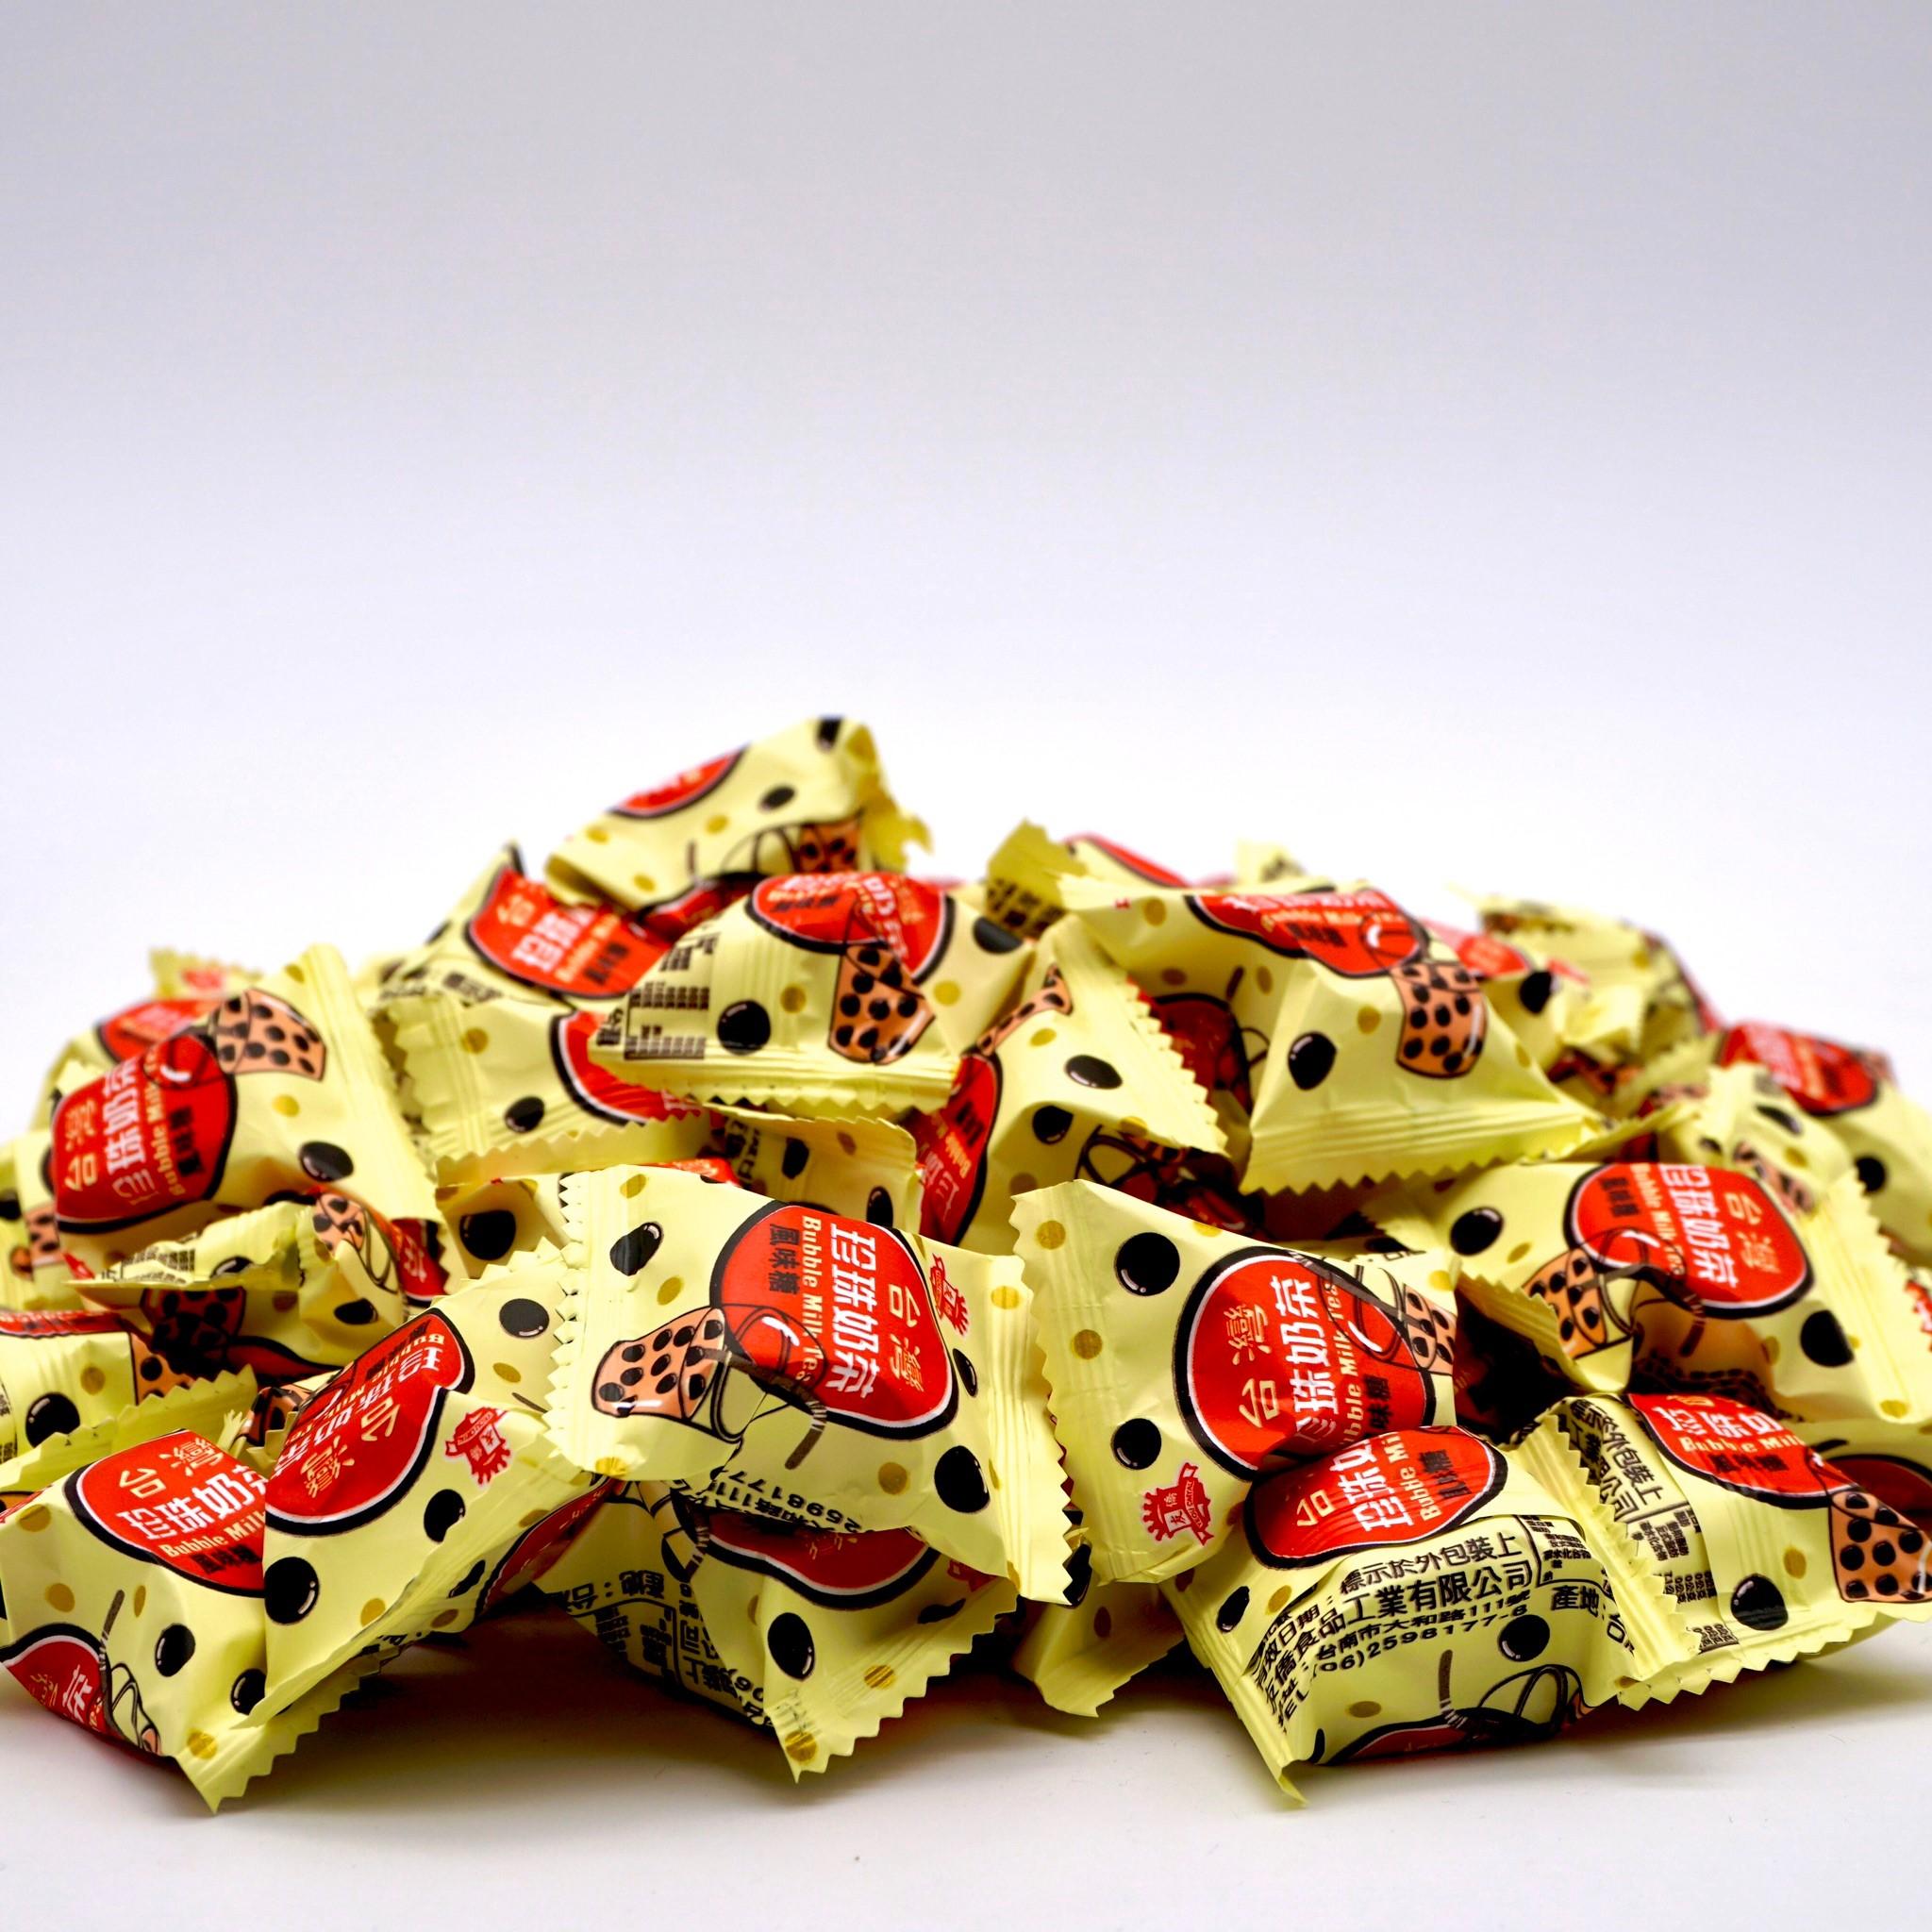 嘴甜甜 珍珠奶茶軟糖 200公克 糖果系列 珍珠奶茶 水果糖 軟糖 QQ糖 牛奶糖 喜糖 素食 現貨